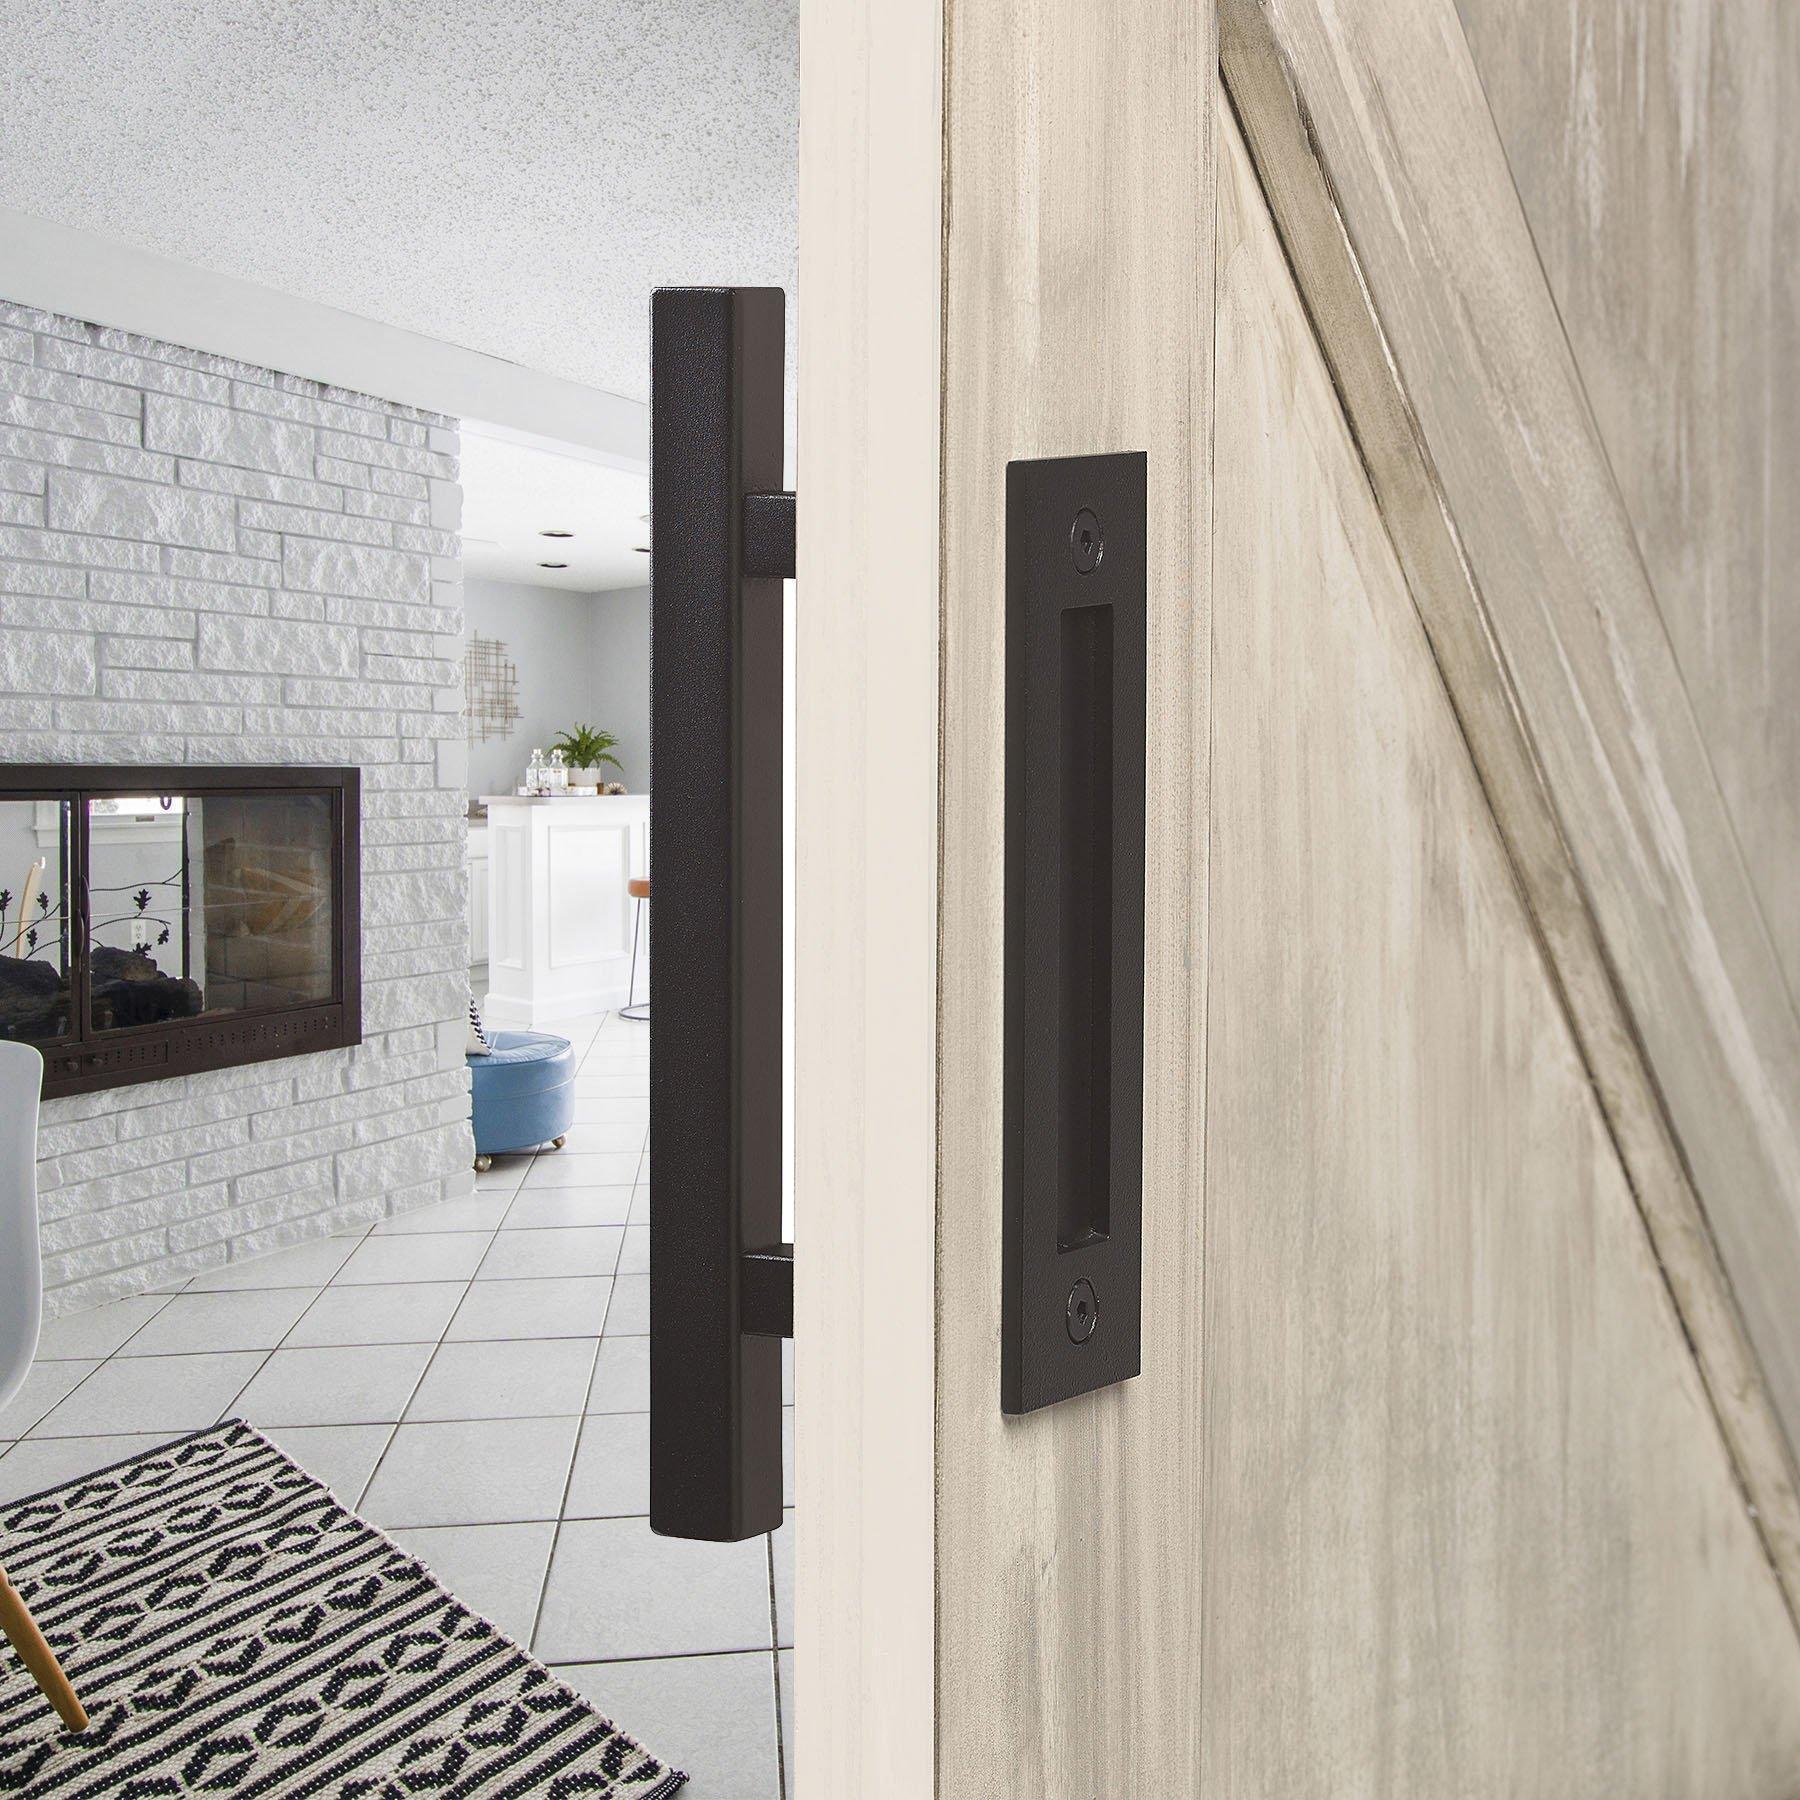 12 Square Barn Door Pull With Flush Plate Latch Matte Black In 2020 Barn Door Handles Hardware Barn Door Barn Door Handles